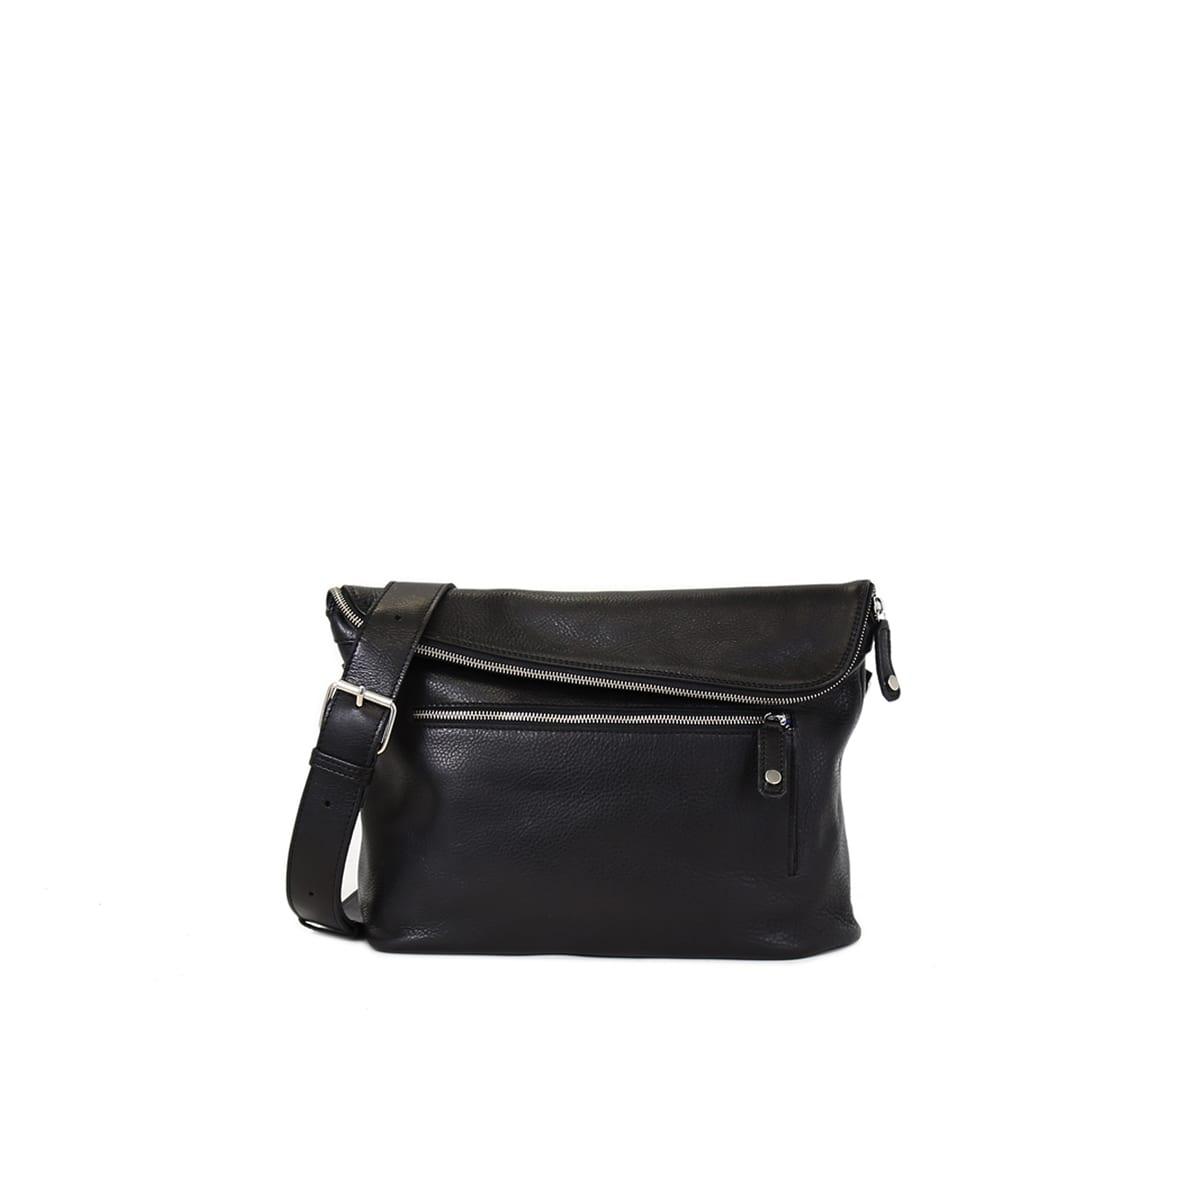 a0188b0cbd44b0 Tomi Small Messenger Bag Black – Lumi Accessories